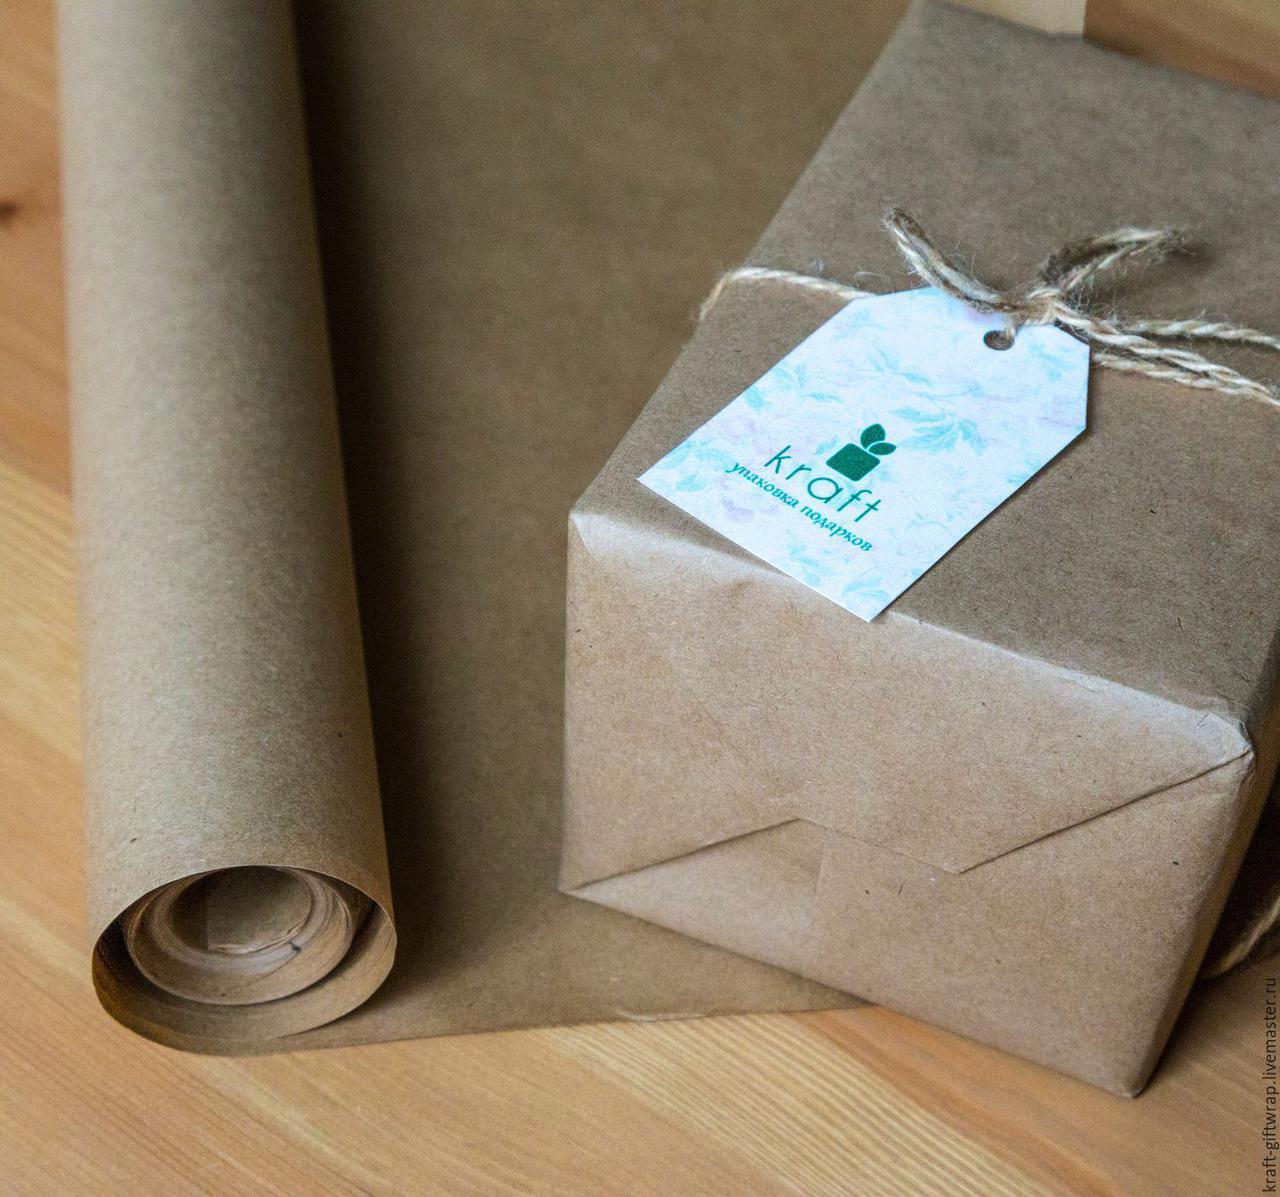 Крафт папір пакувальний, без друку,Ширина 20см.Длина рулона 49м. щільність 38 грам / м2.